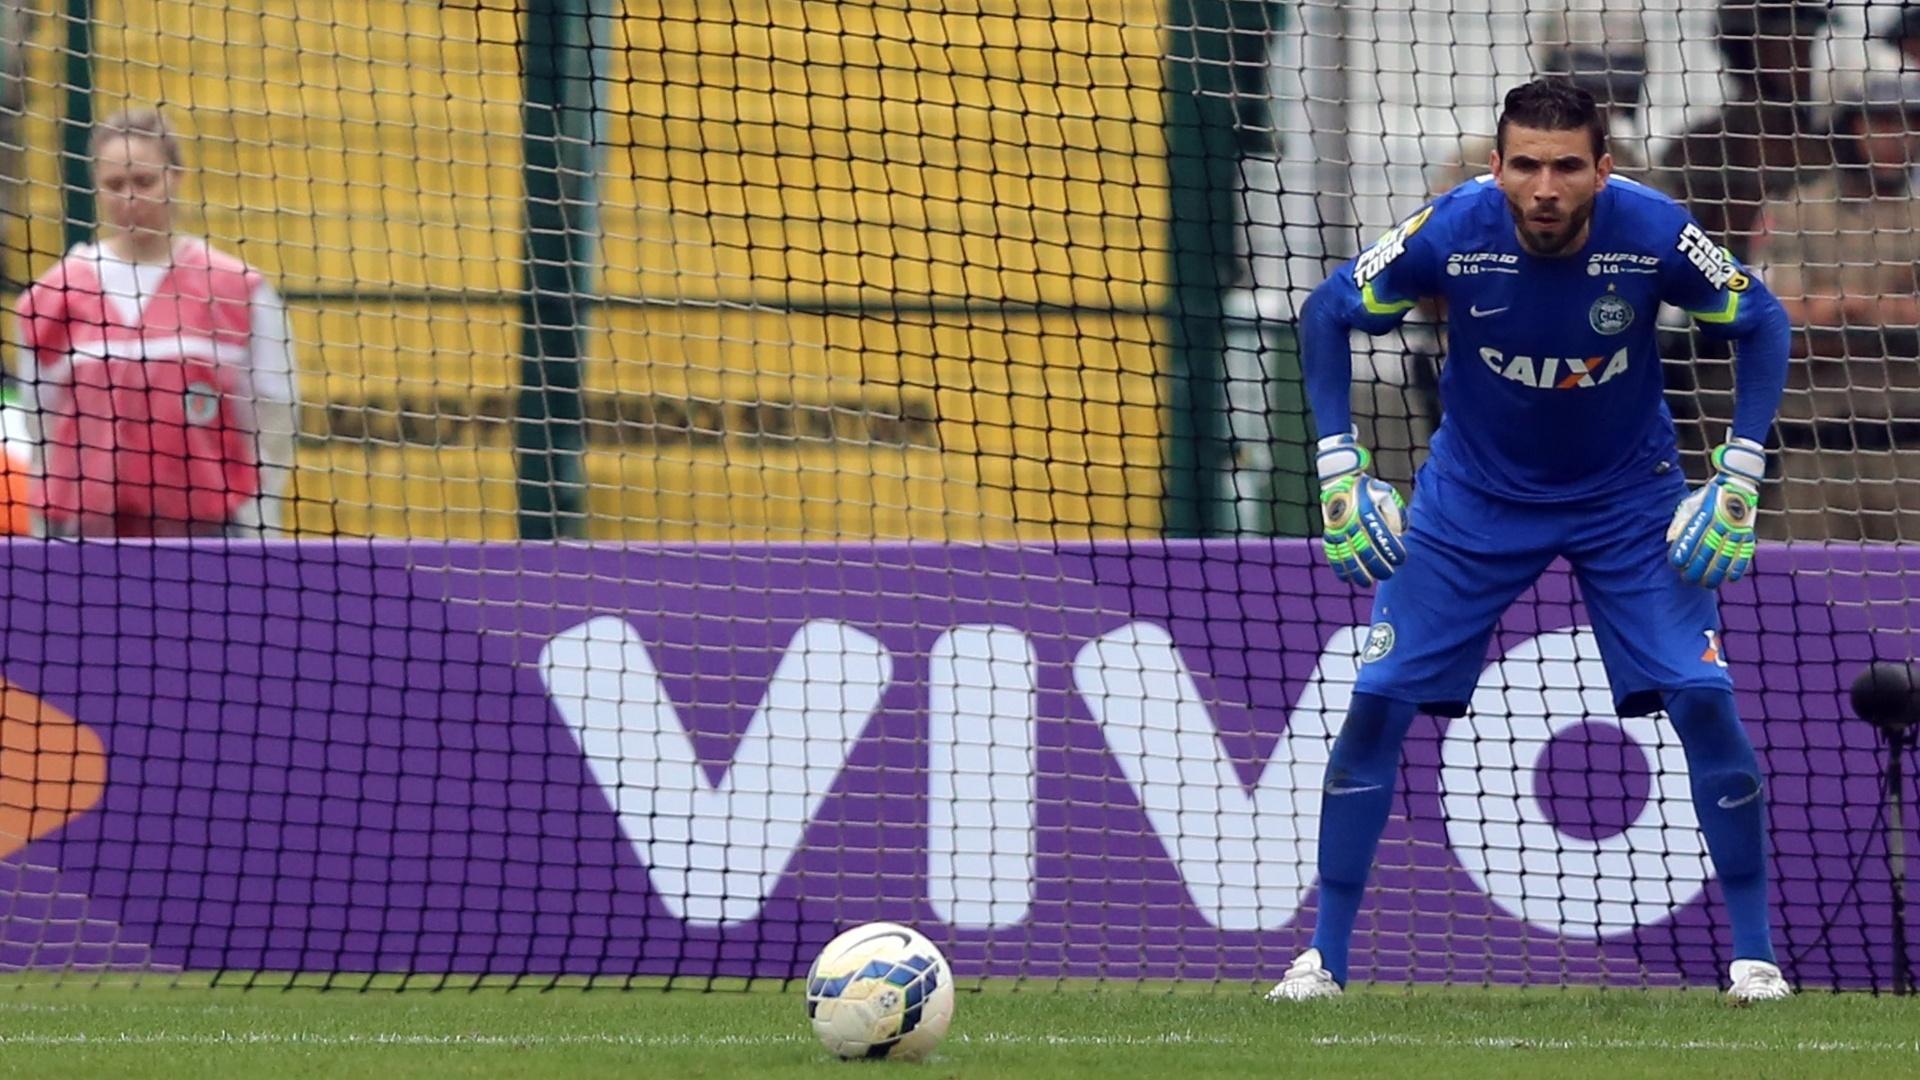 Vanderlei, goleiro do Coritiba, se concentra para tentar defender pênalti no jogo contra o Coritiba